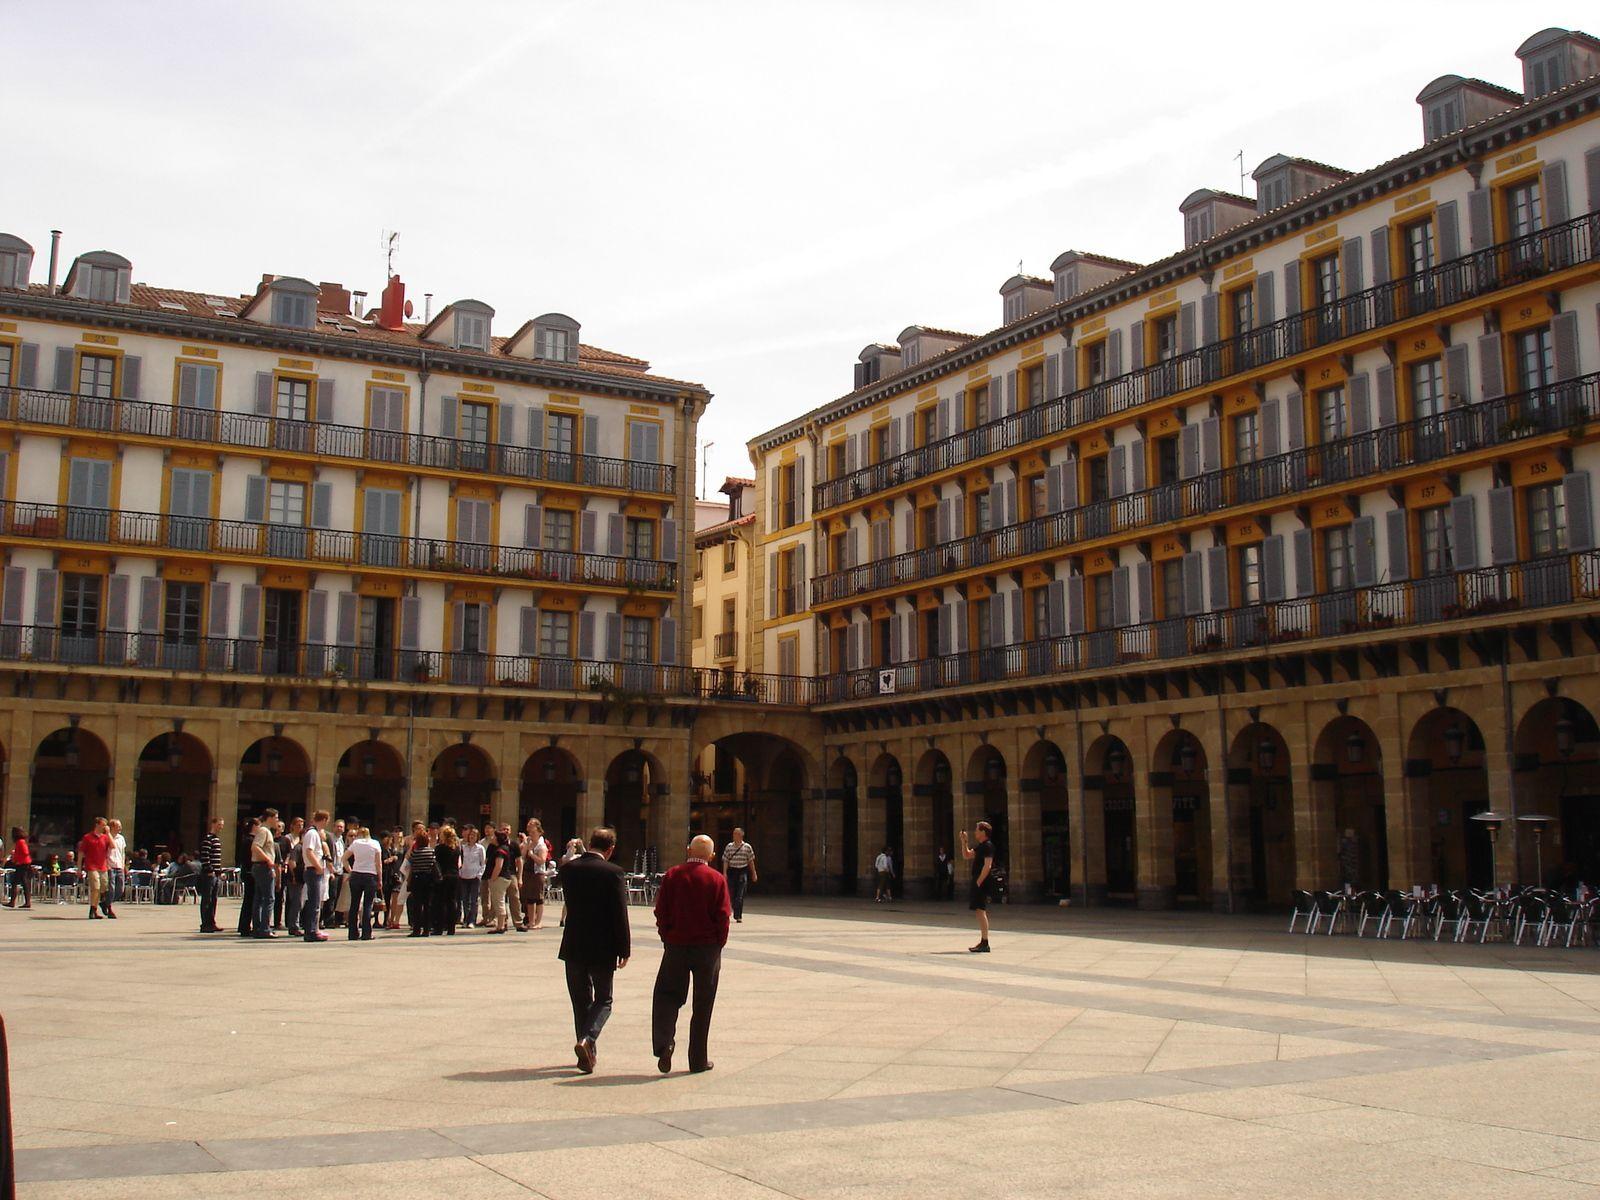 La place de la Constitution, avec un numéro sur chaque balcon qui rappelle le temps où la place servait d'arènes.